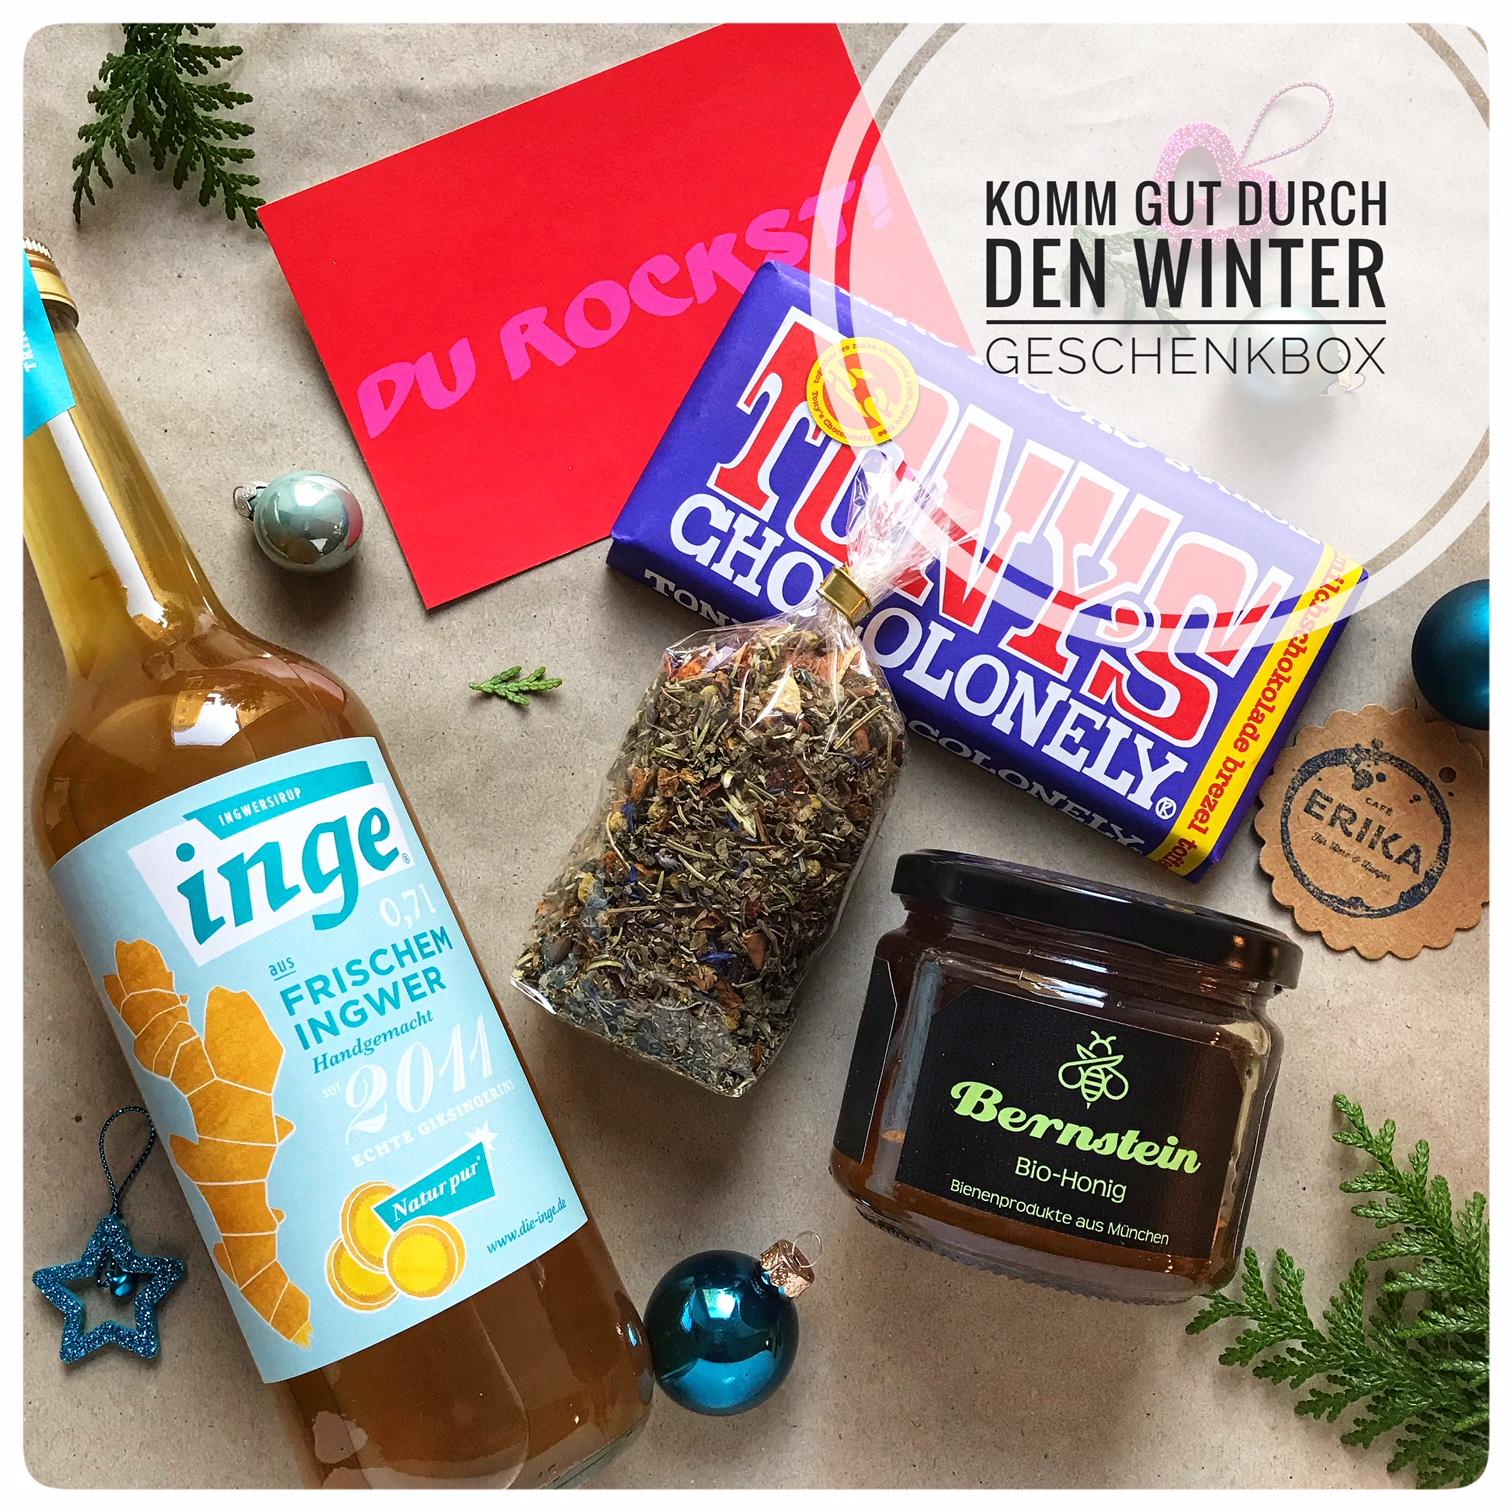 Unsere Geschenkbox um gut durch den Winter zu kommen